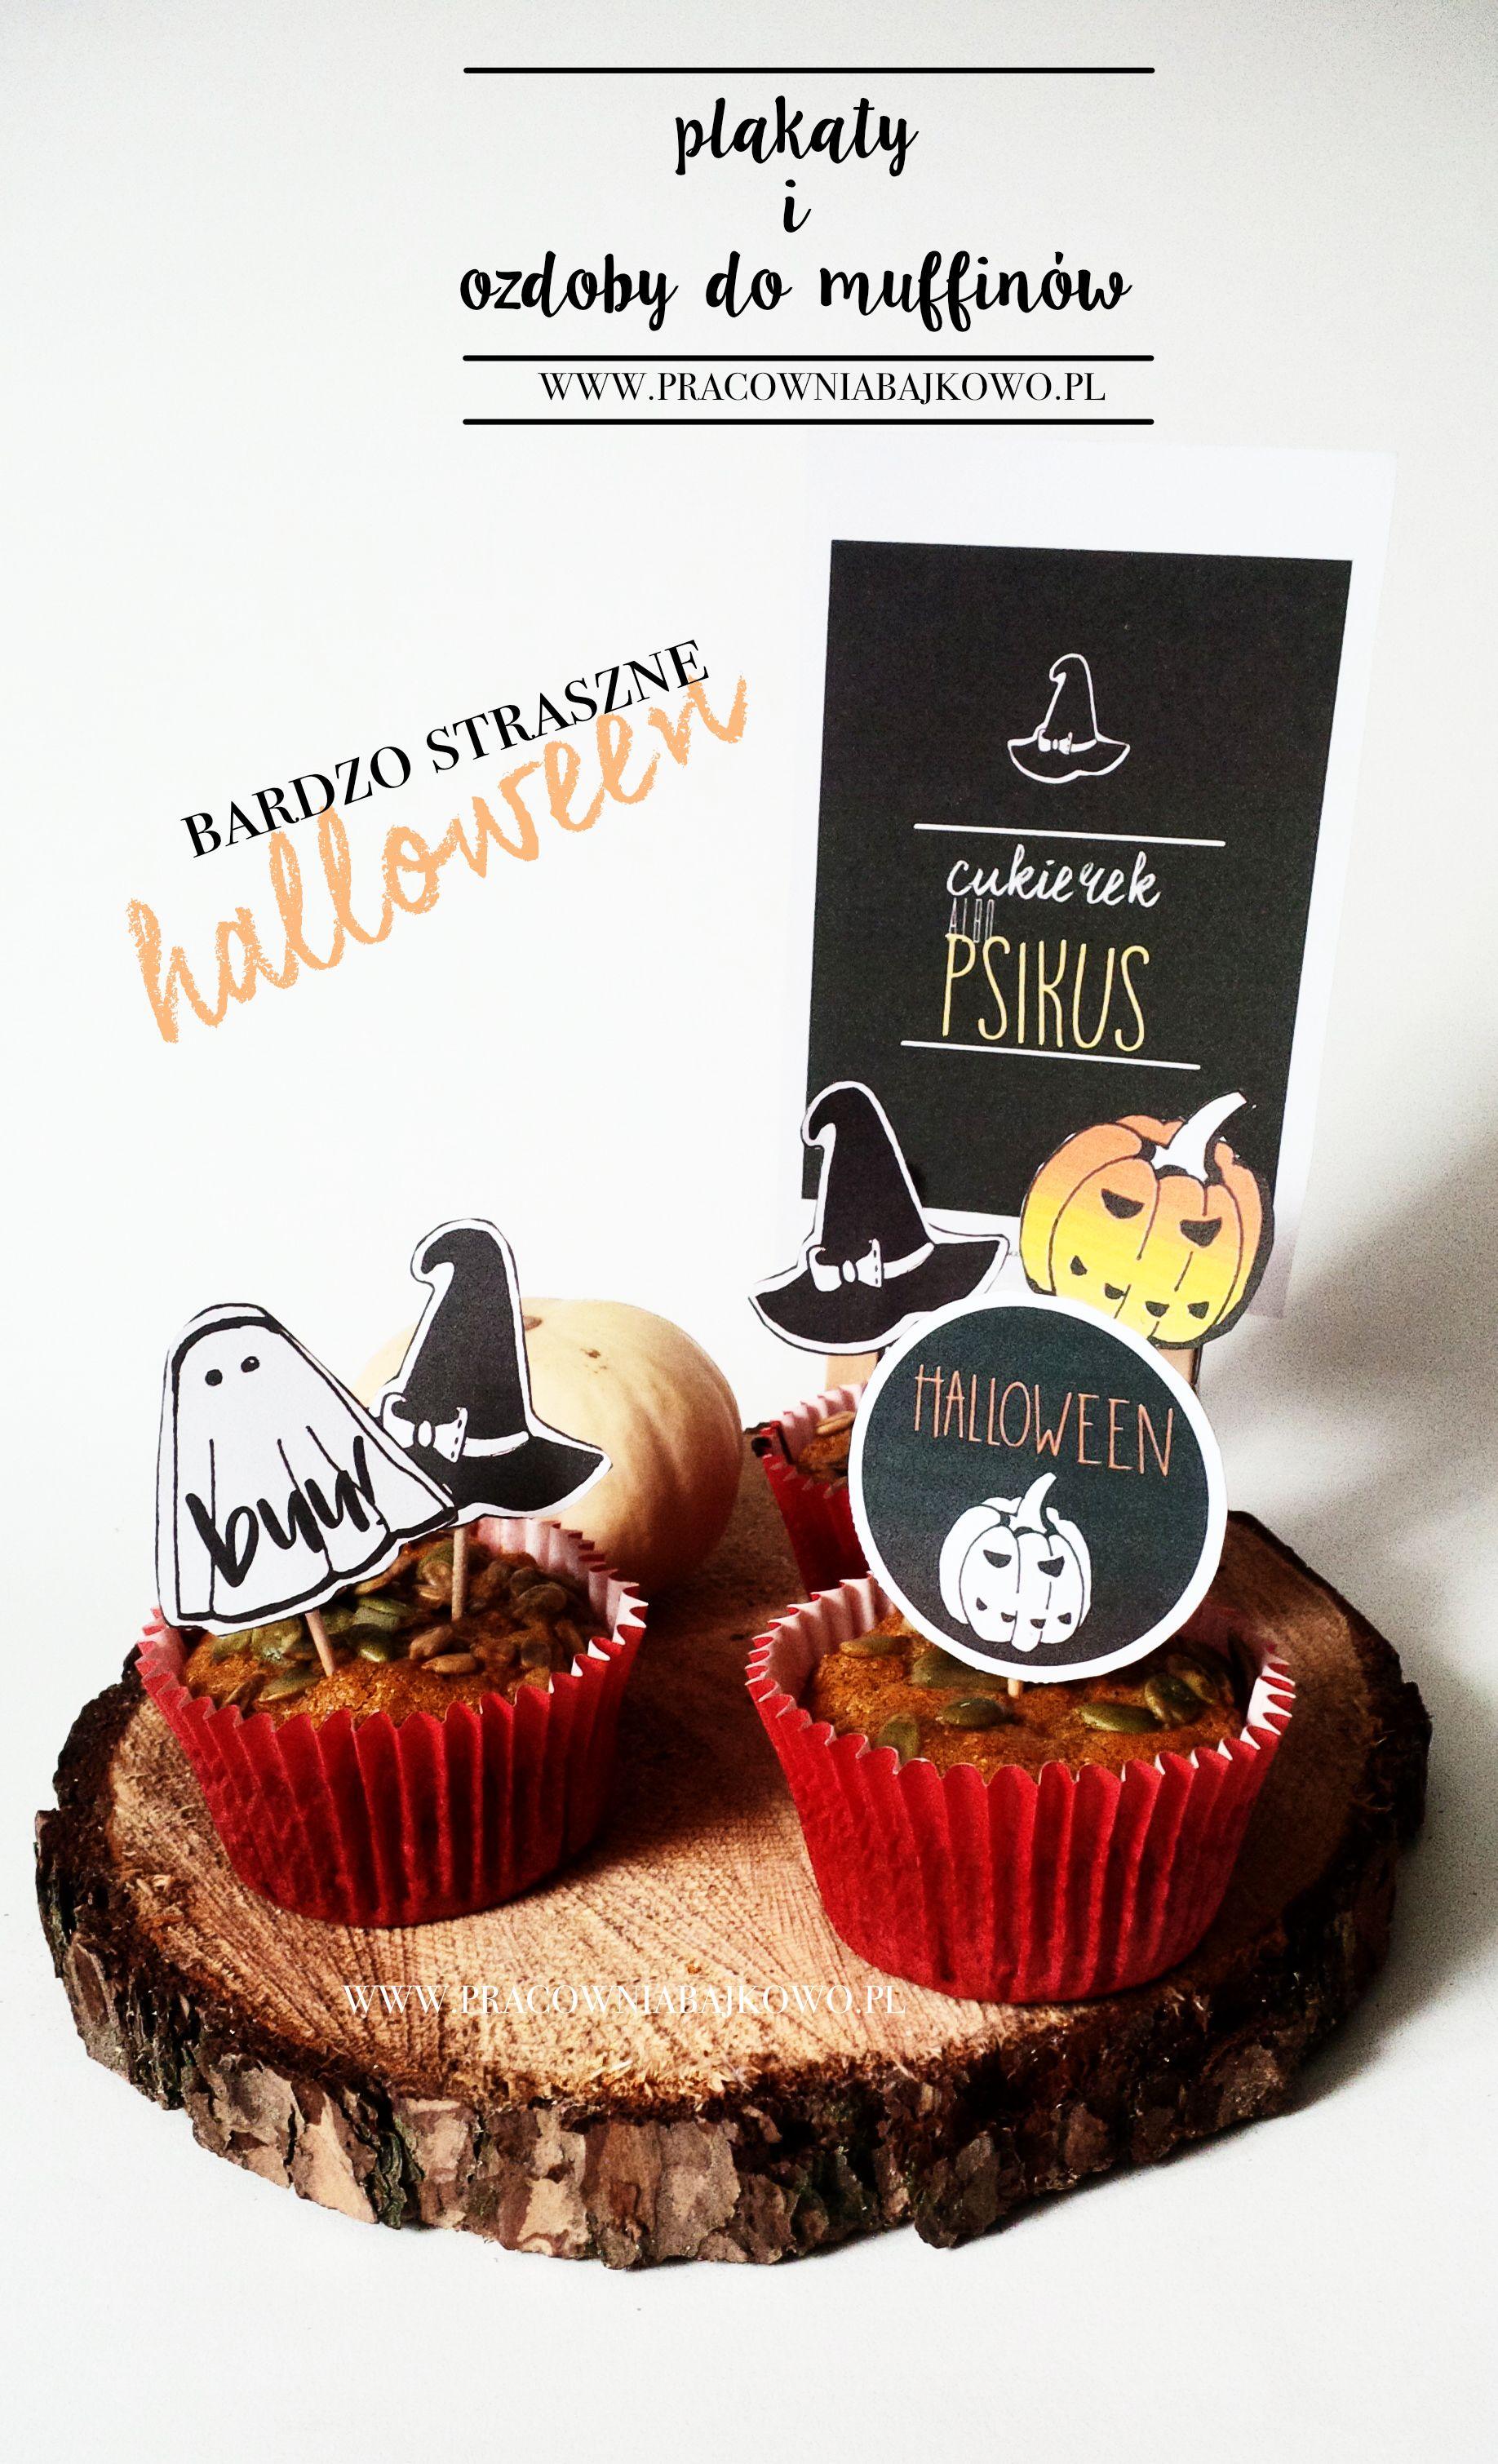 ozdoby do wydrukowania, ozdoby do muffinów, halloween